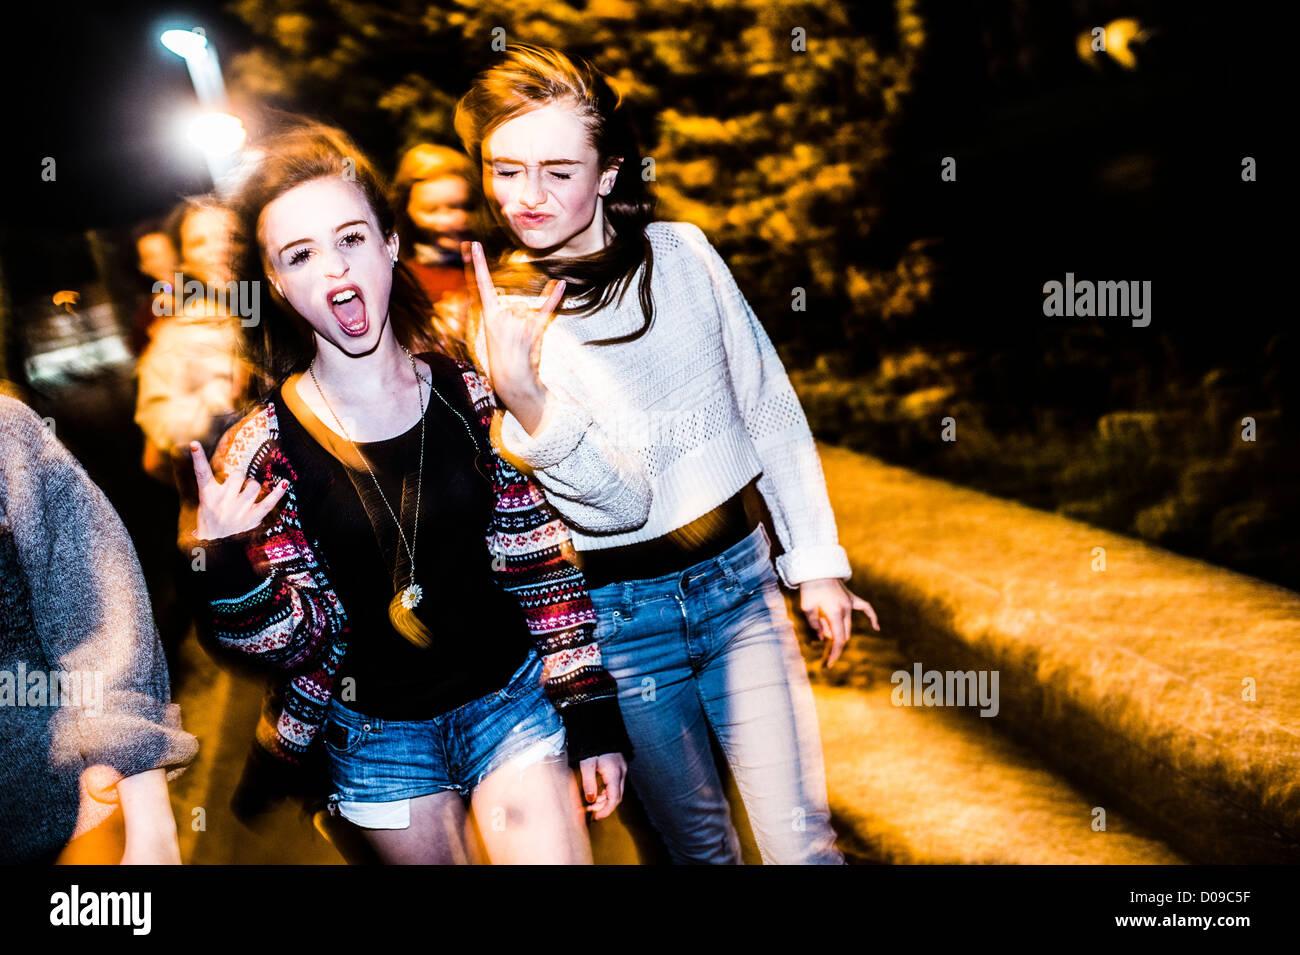 Un groupe de 14 jeunes filles de 15 ans avec des amis s'amuser rire ensemble d'attitude à l'extérieur Photo Stock